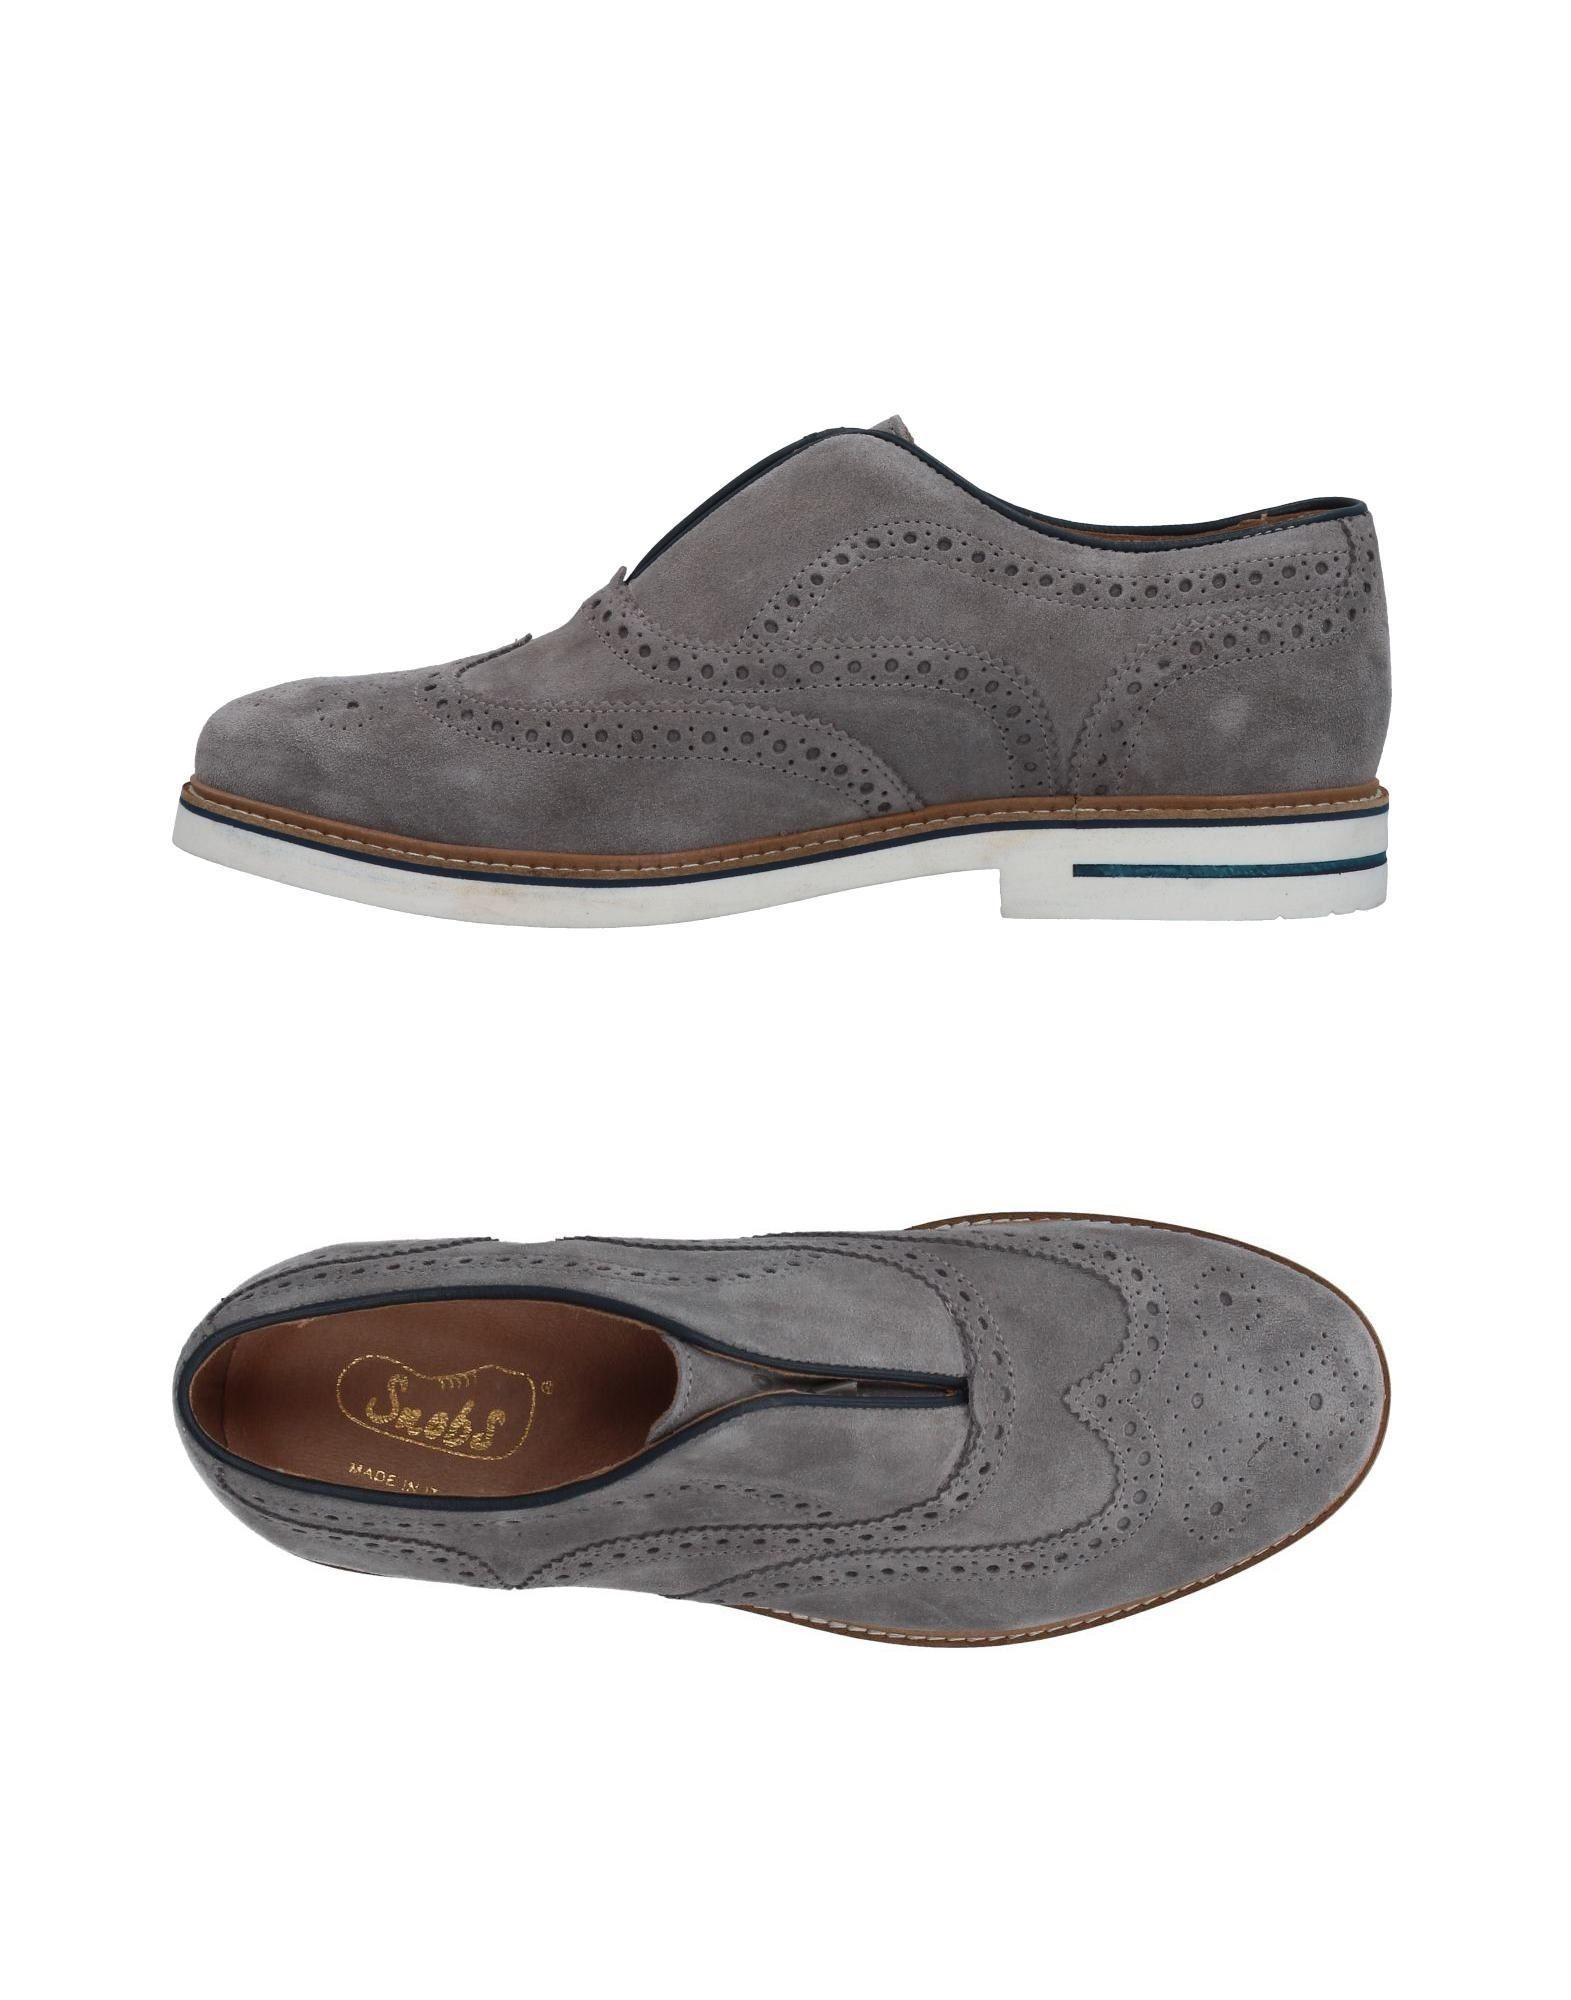 Snobs® Heiße Mokassins Herren  11396372TJ Heiße Snobs® Schuhe 75d3a2